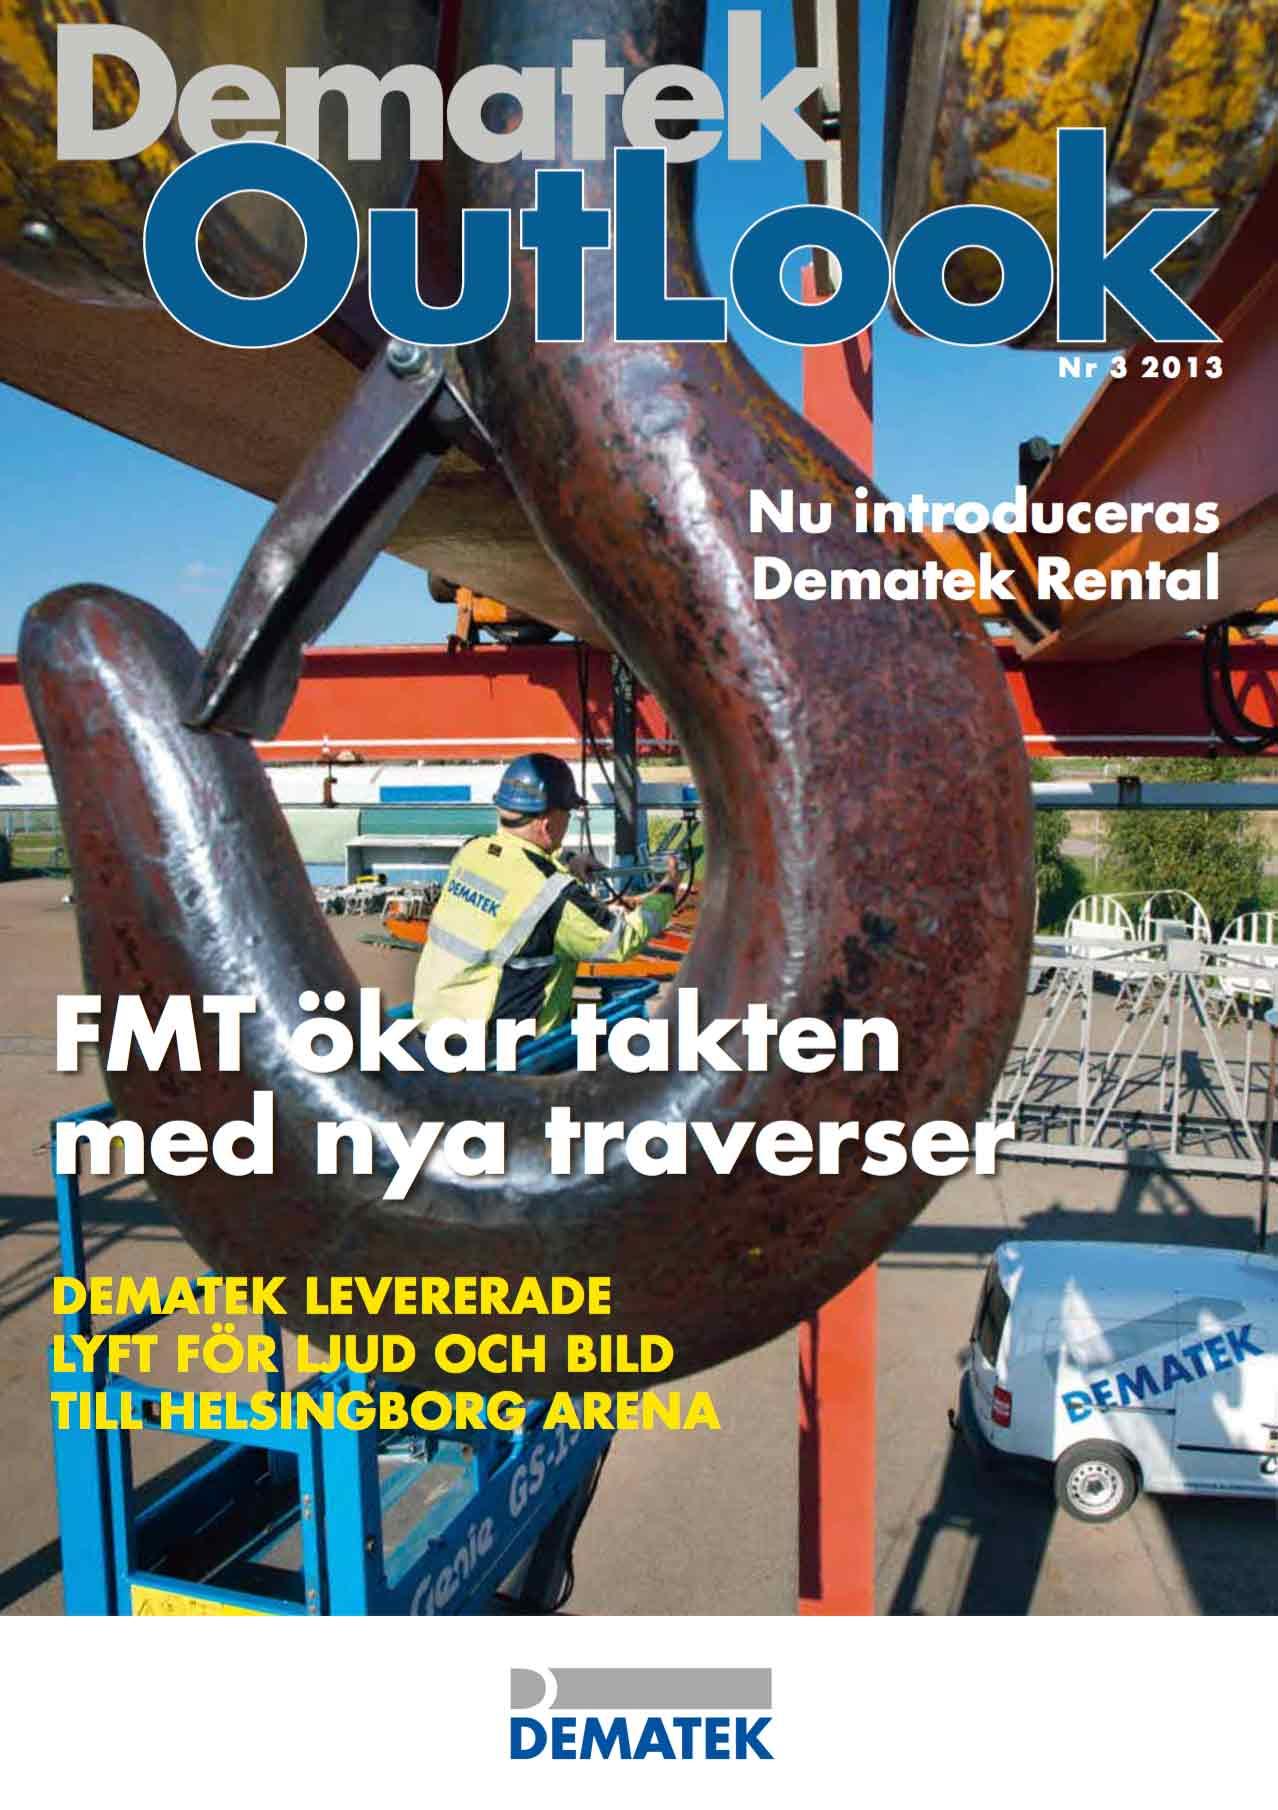 Dematek OutLook nr 3, 2013